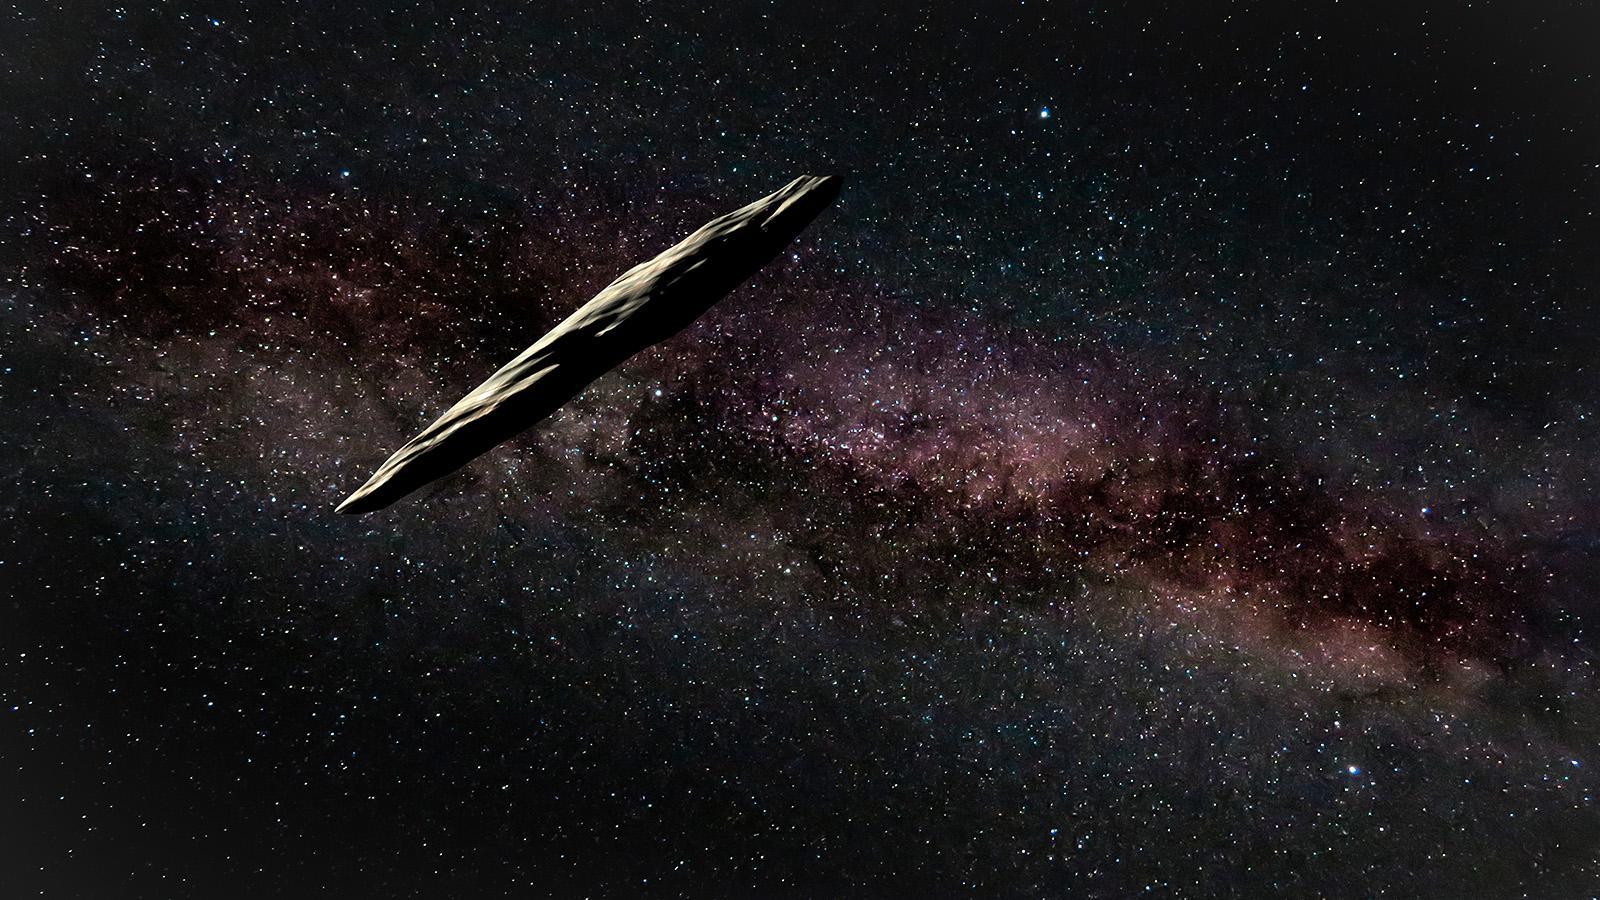 Altri: 'Oumuamua, L'intruso D'altri Mondi